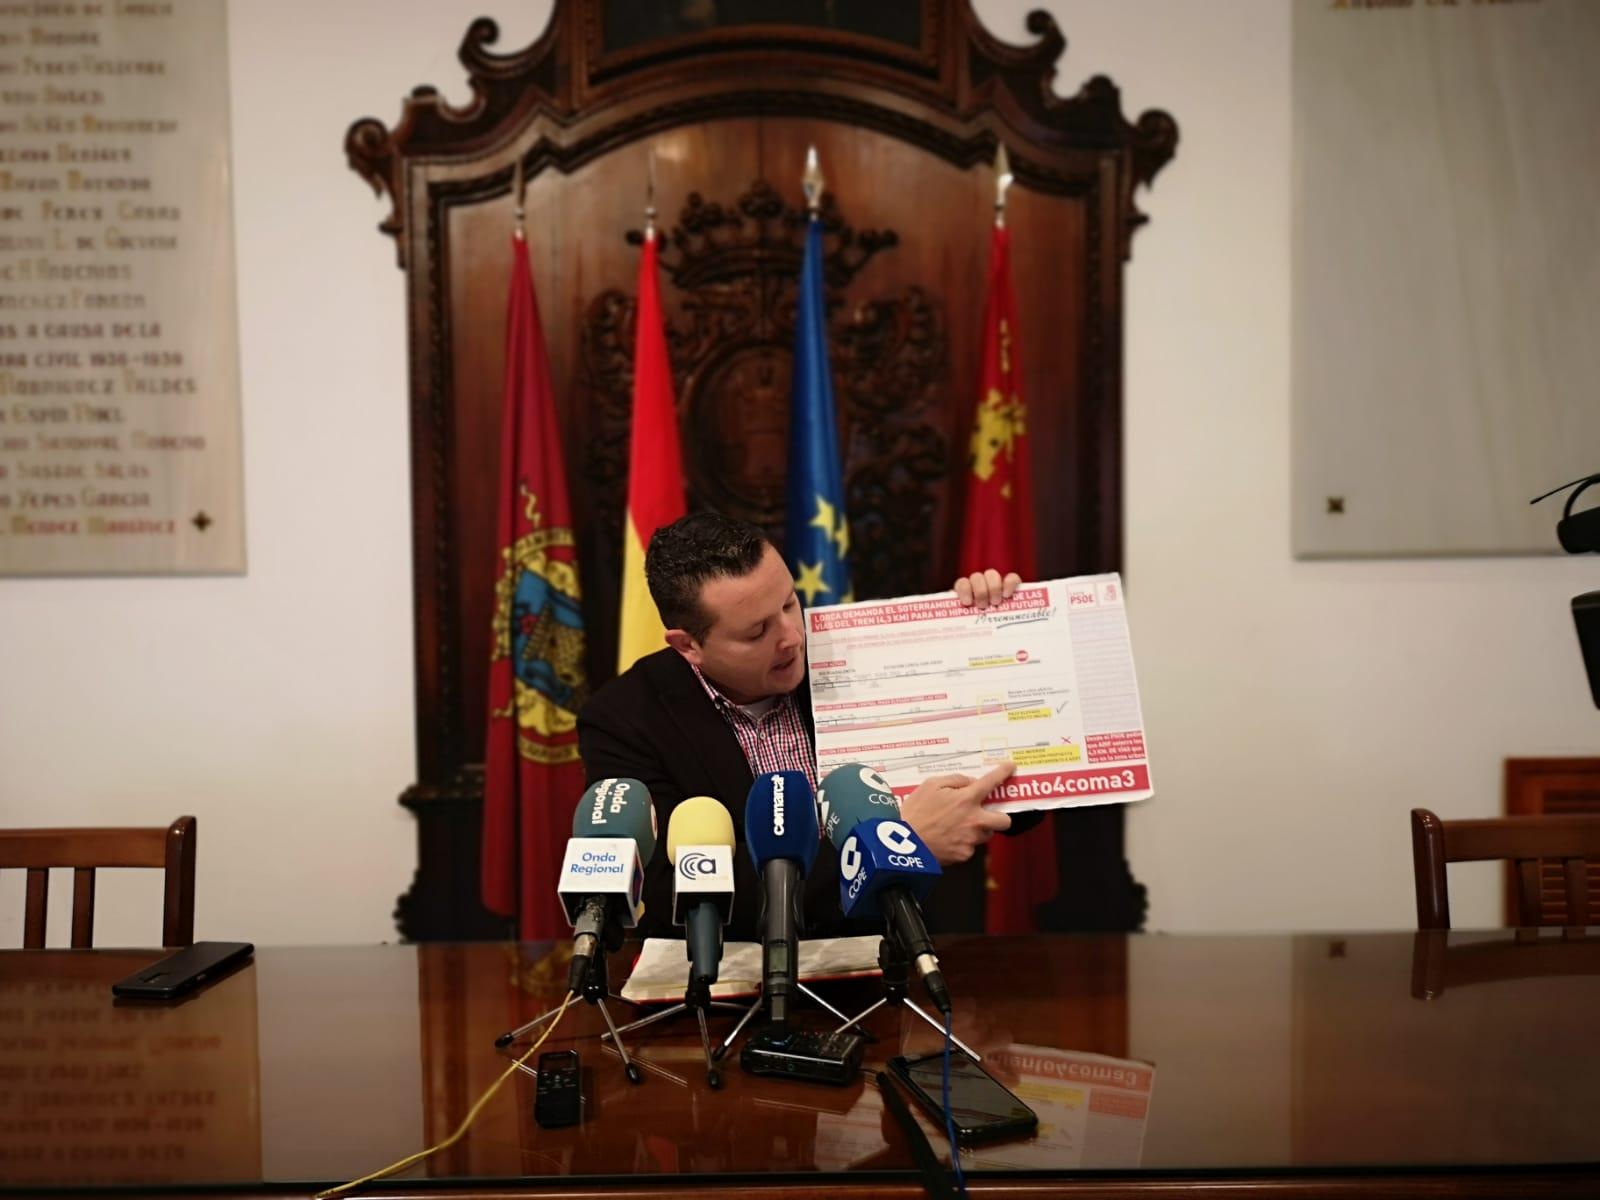 El PSOE rechaza el paso inferior aprobado por el PP que va a impedir el soterramiento del AVE a su paso por Apolonia, San Diego y Avenida de Europa